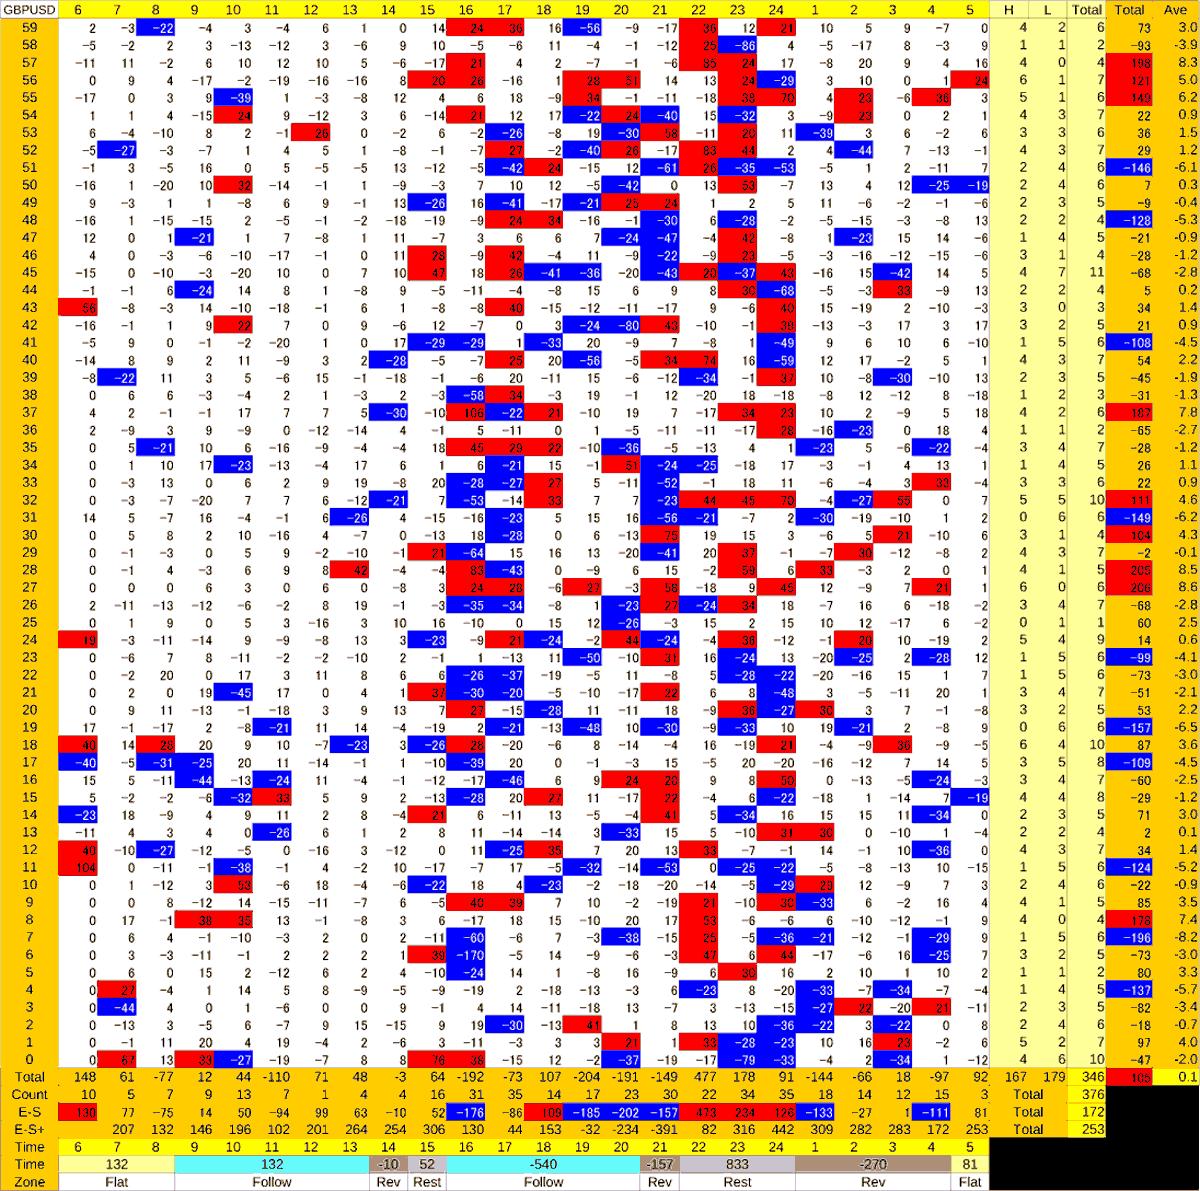 20200723_HS(2)GBPUSD